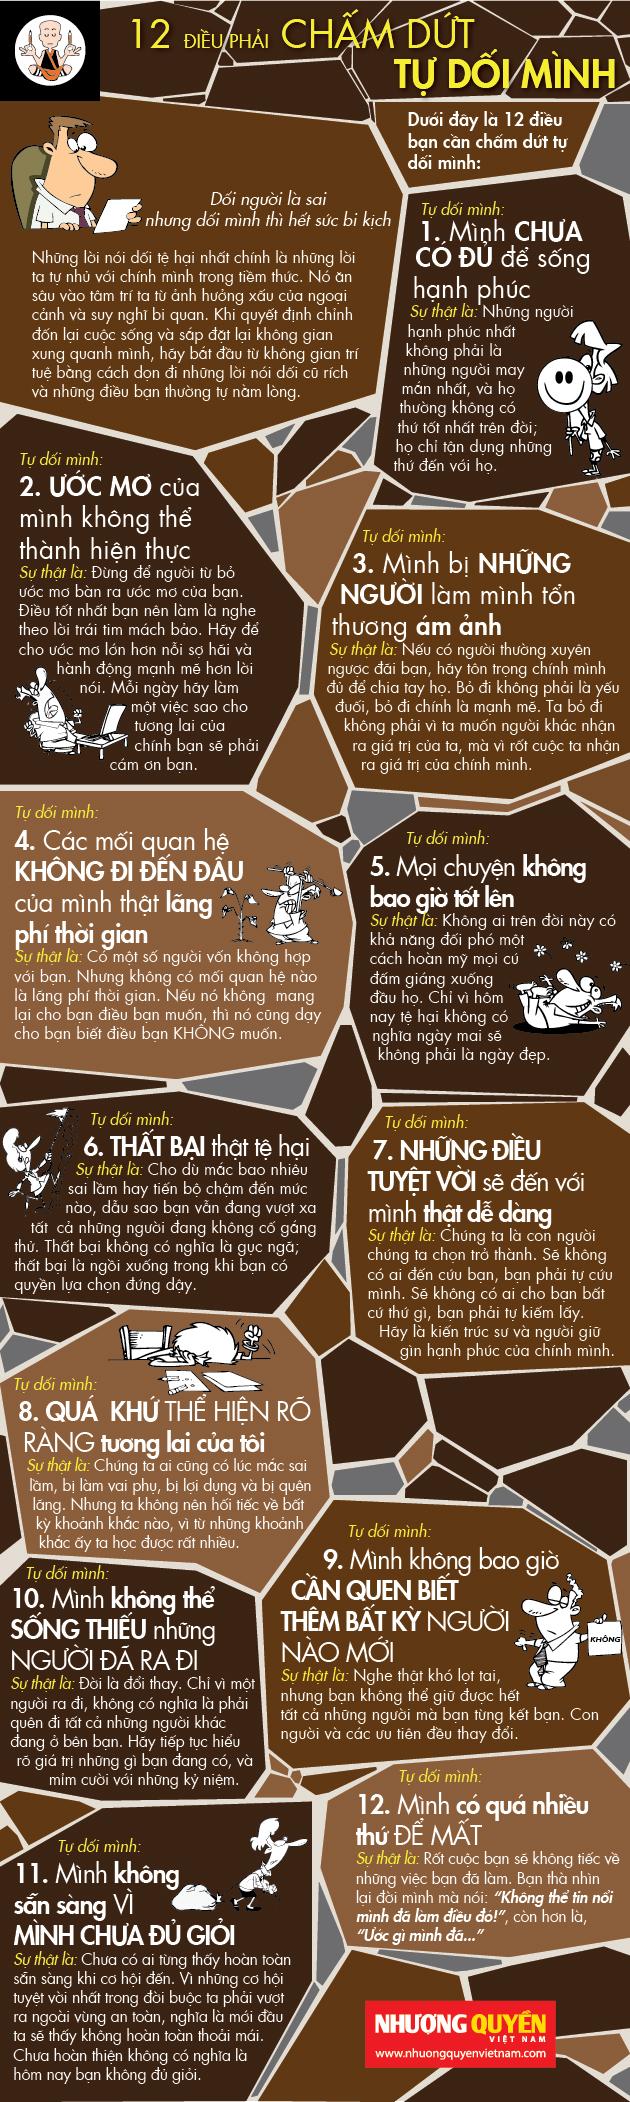 12 điều phải chấm dứt tự dối mình